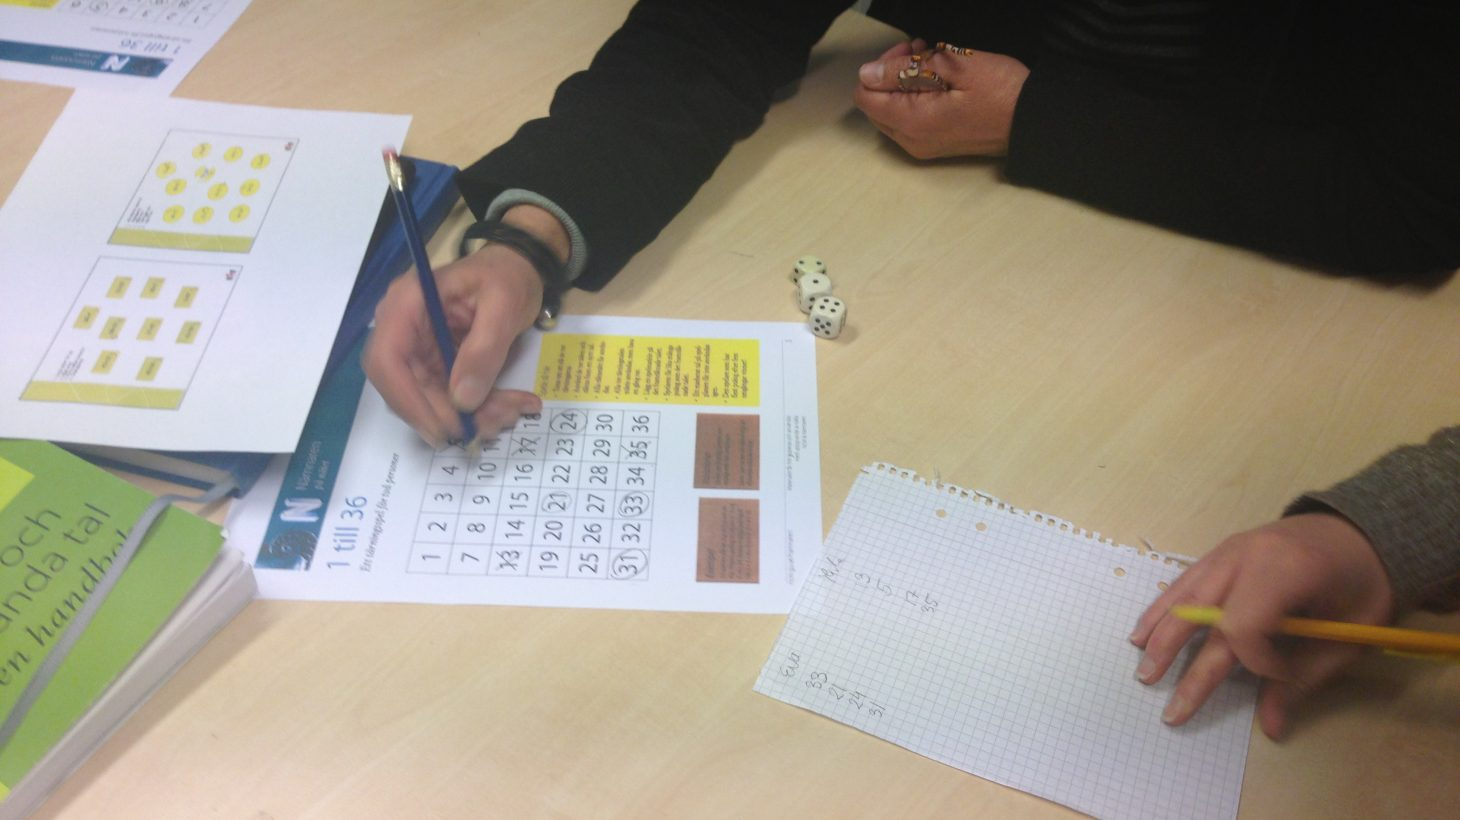 Två personer räknar tal på papper.